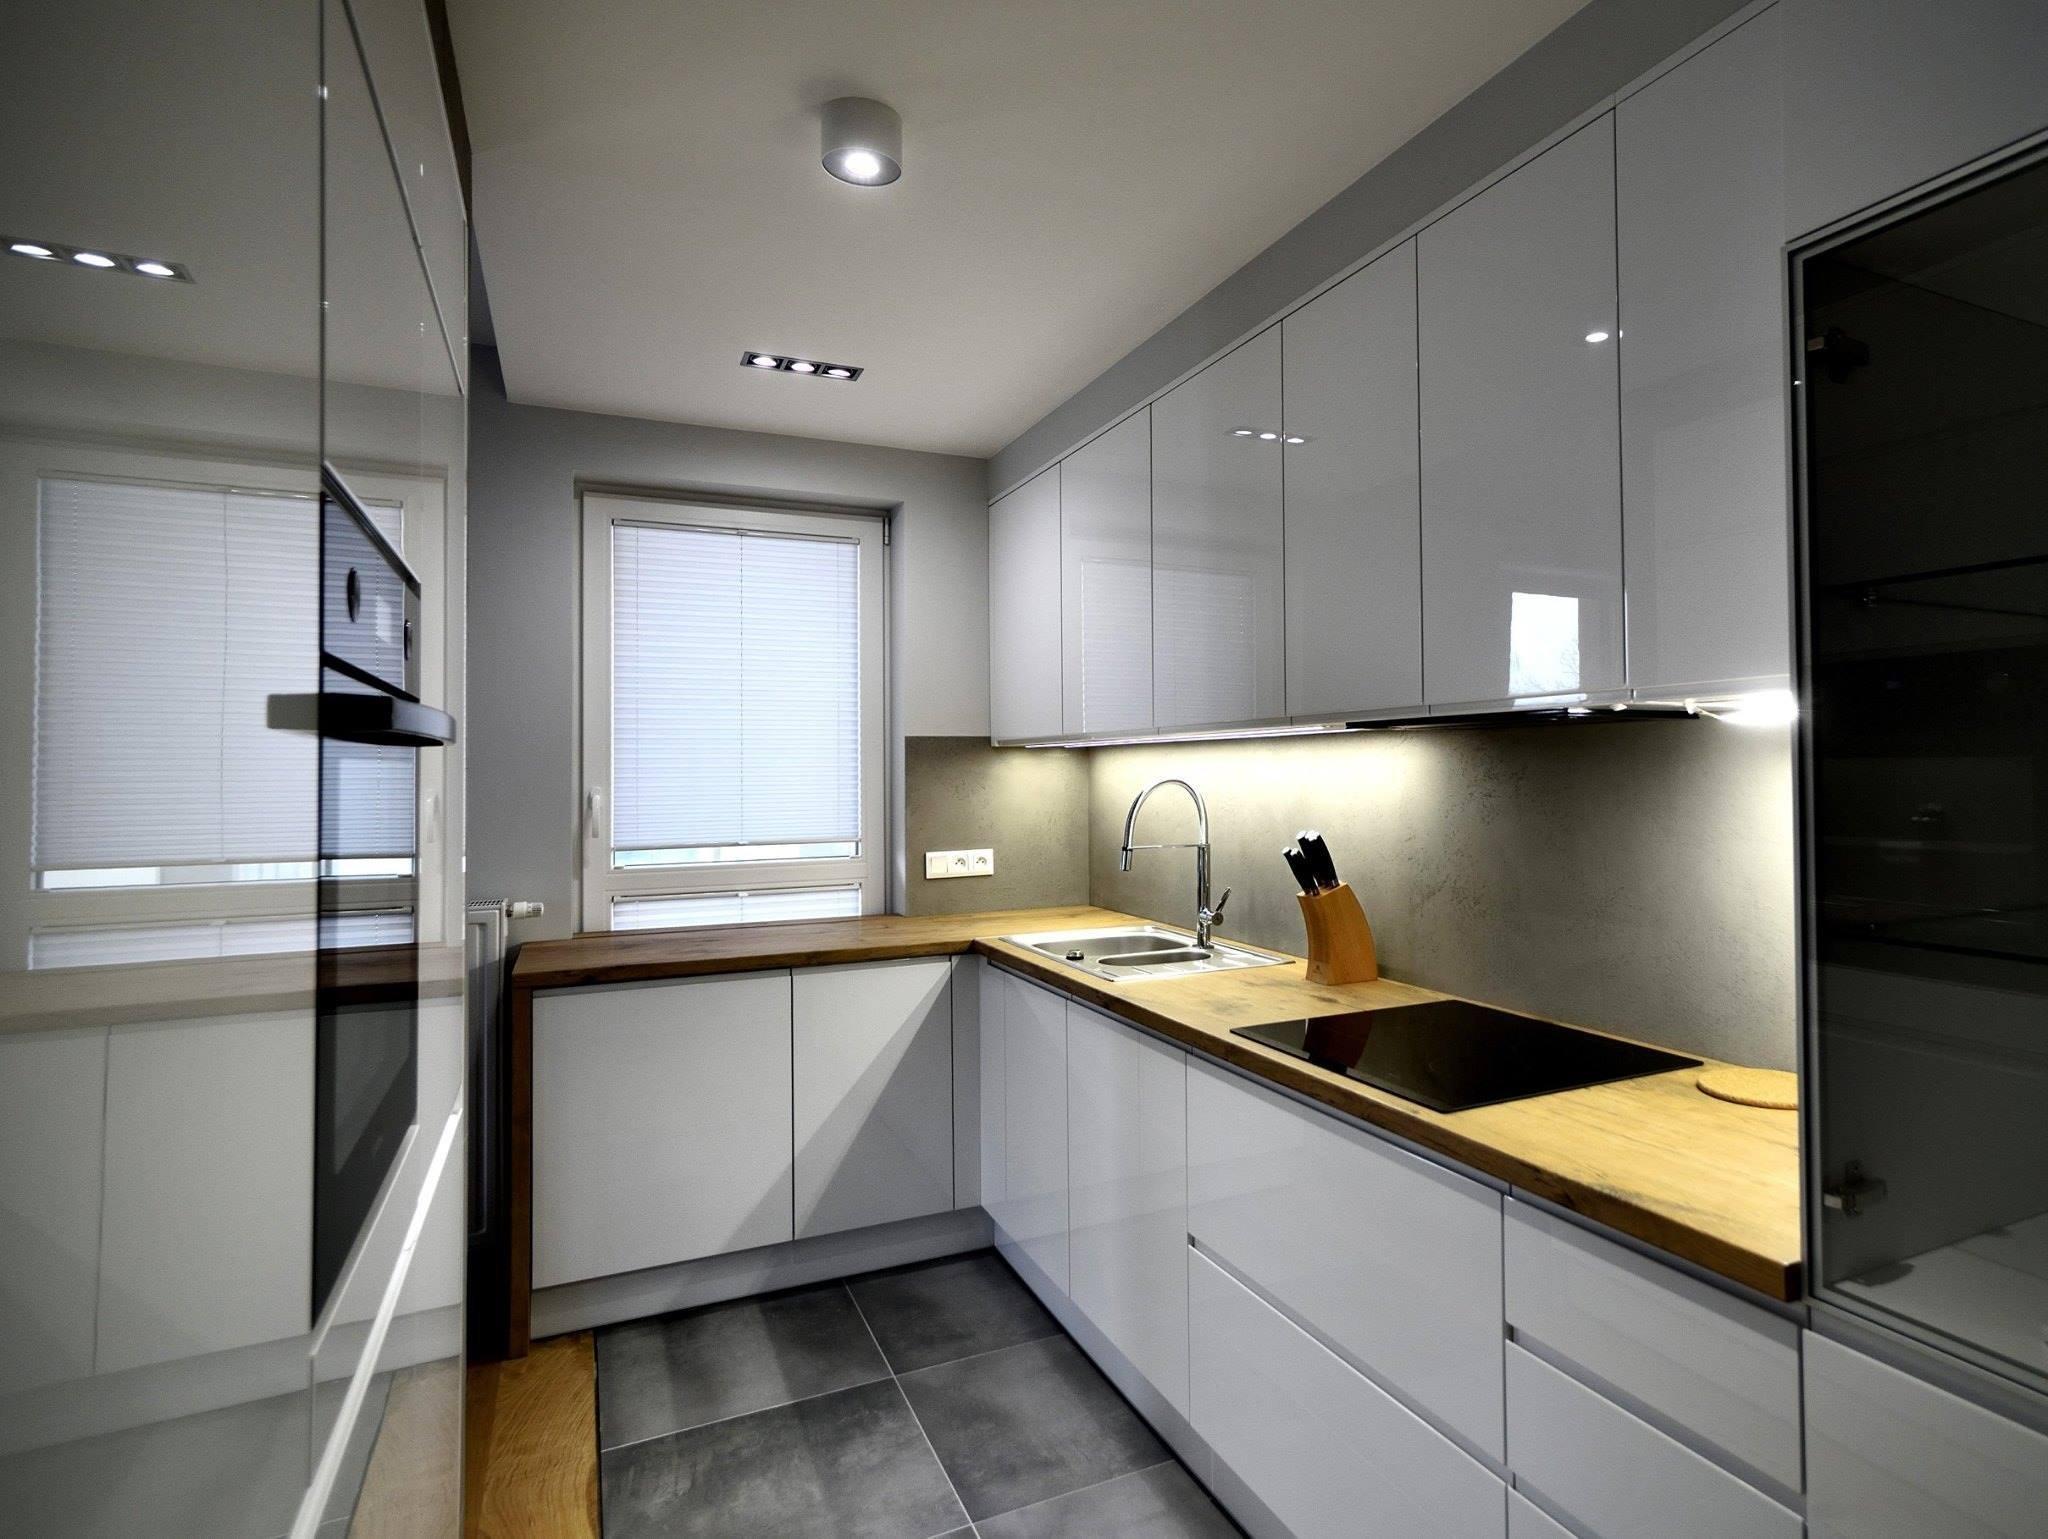 Moderní kuchyně v lesku